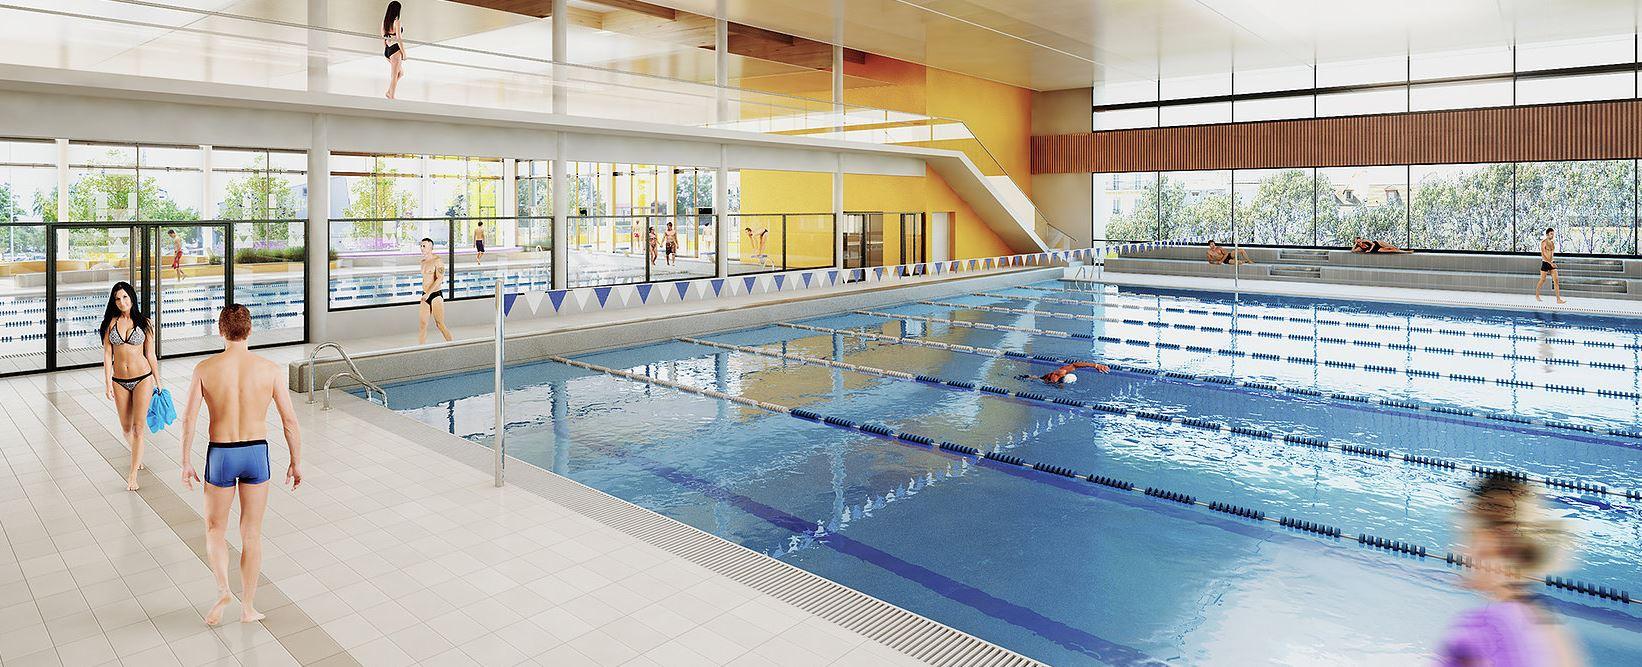 Le Futur Centre Aquatique De Vitry-Sur-Seine En Images | 94 ... dedans Piscine De Sucy En Brie